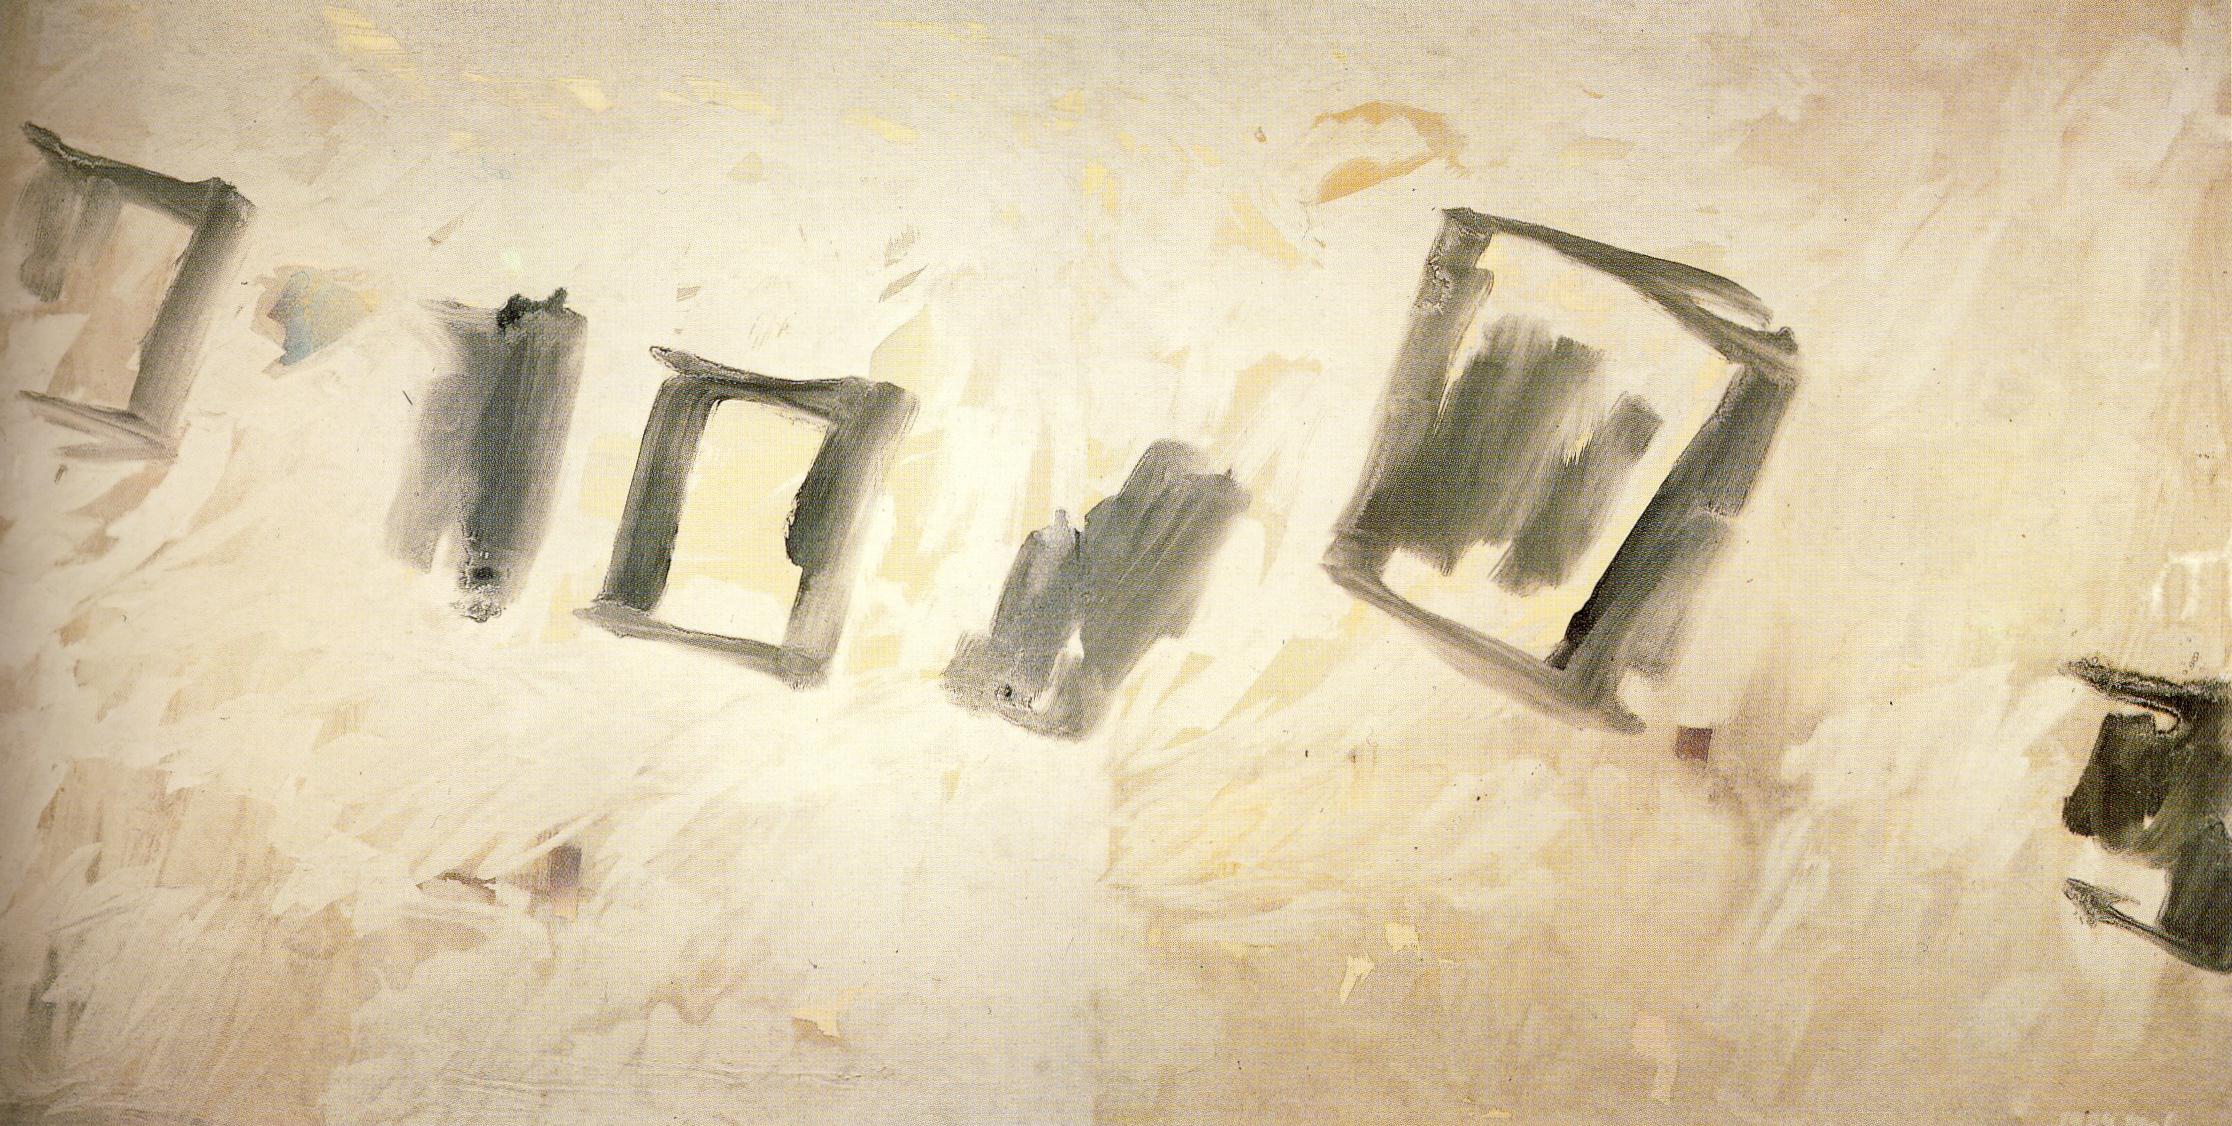 """senza titolo, dalla serie """"Tempo come creazione"""",1989, olio e smalti su tela, cm 190 x 380  untitled, from the series """"Tempo come creazione"""",1989,oil and vitreous enamel on canvas, cm 190 x 380"""